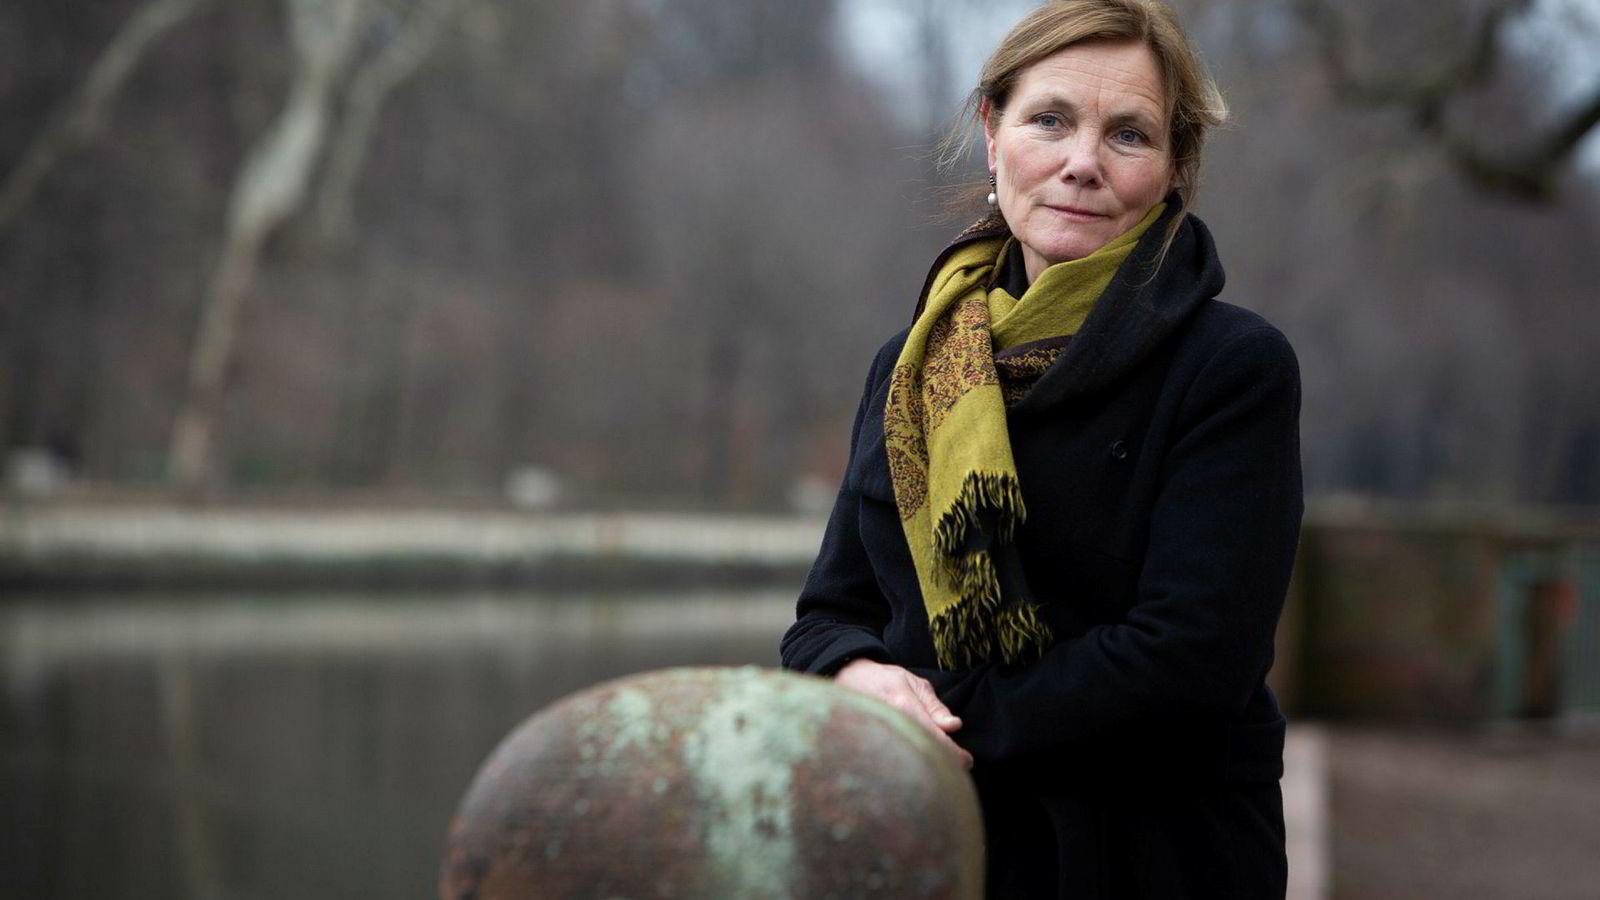 Norske Birgit Lie møtte Galerie Michael Janssen i retten i Berlin i januar. Nå har hun vunnet saken mot galleriet.